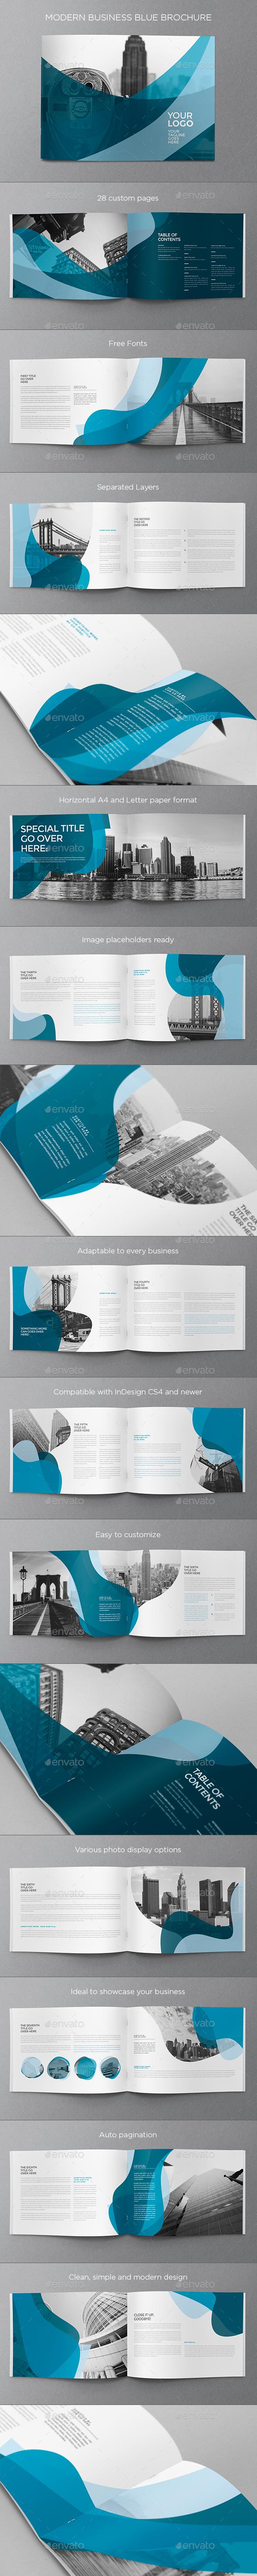 Modern Business Blue Brochure - Brochures Print Templates